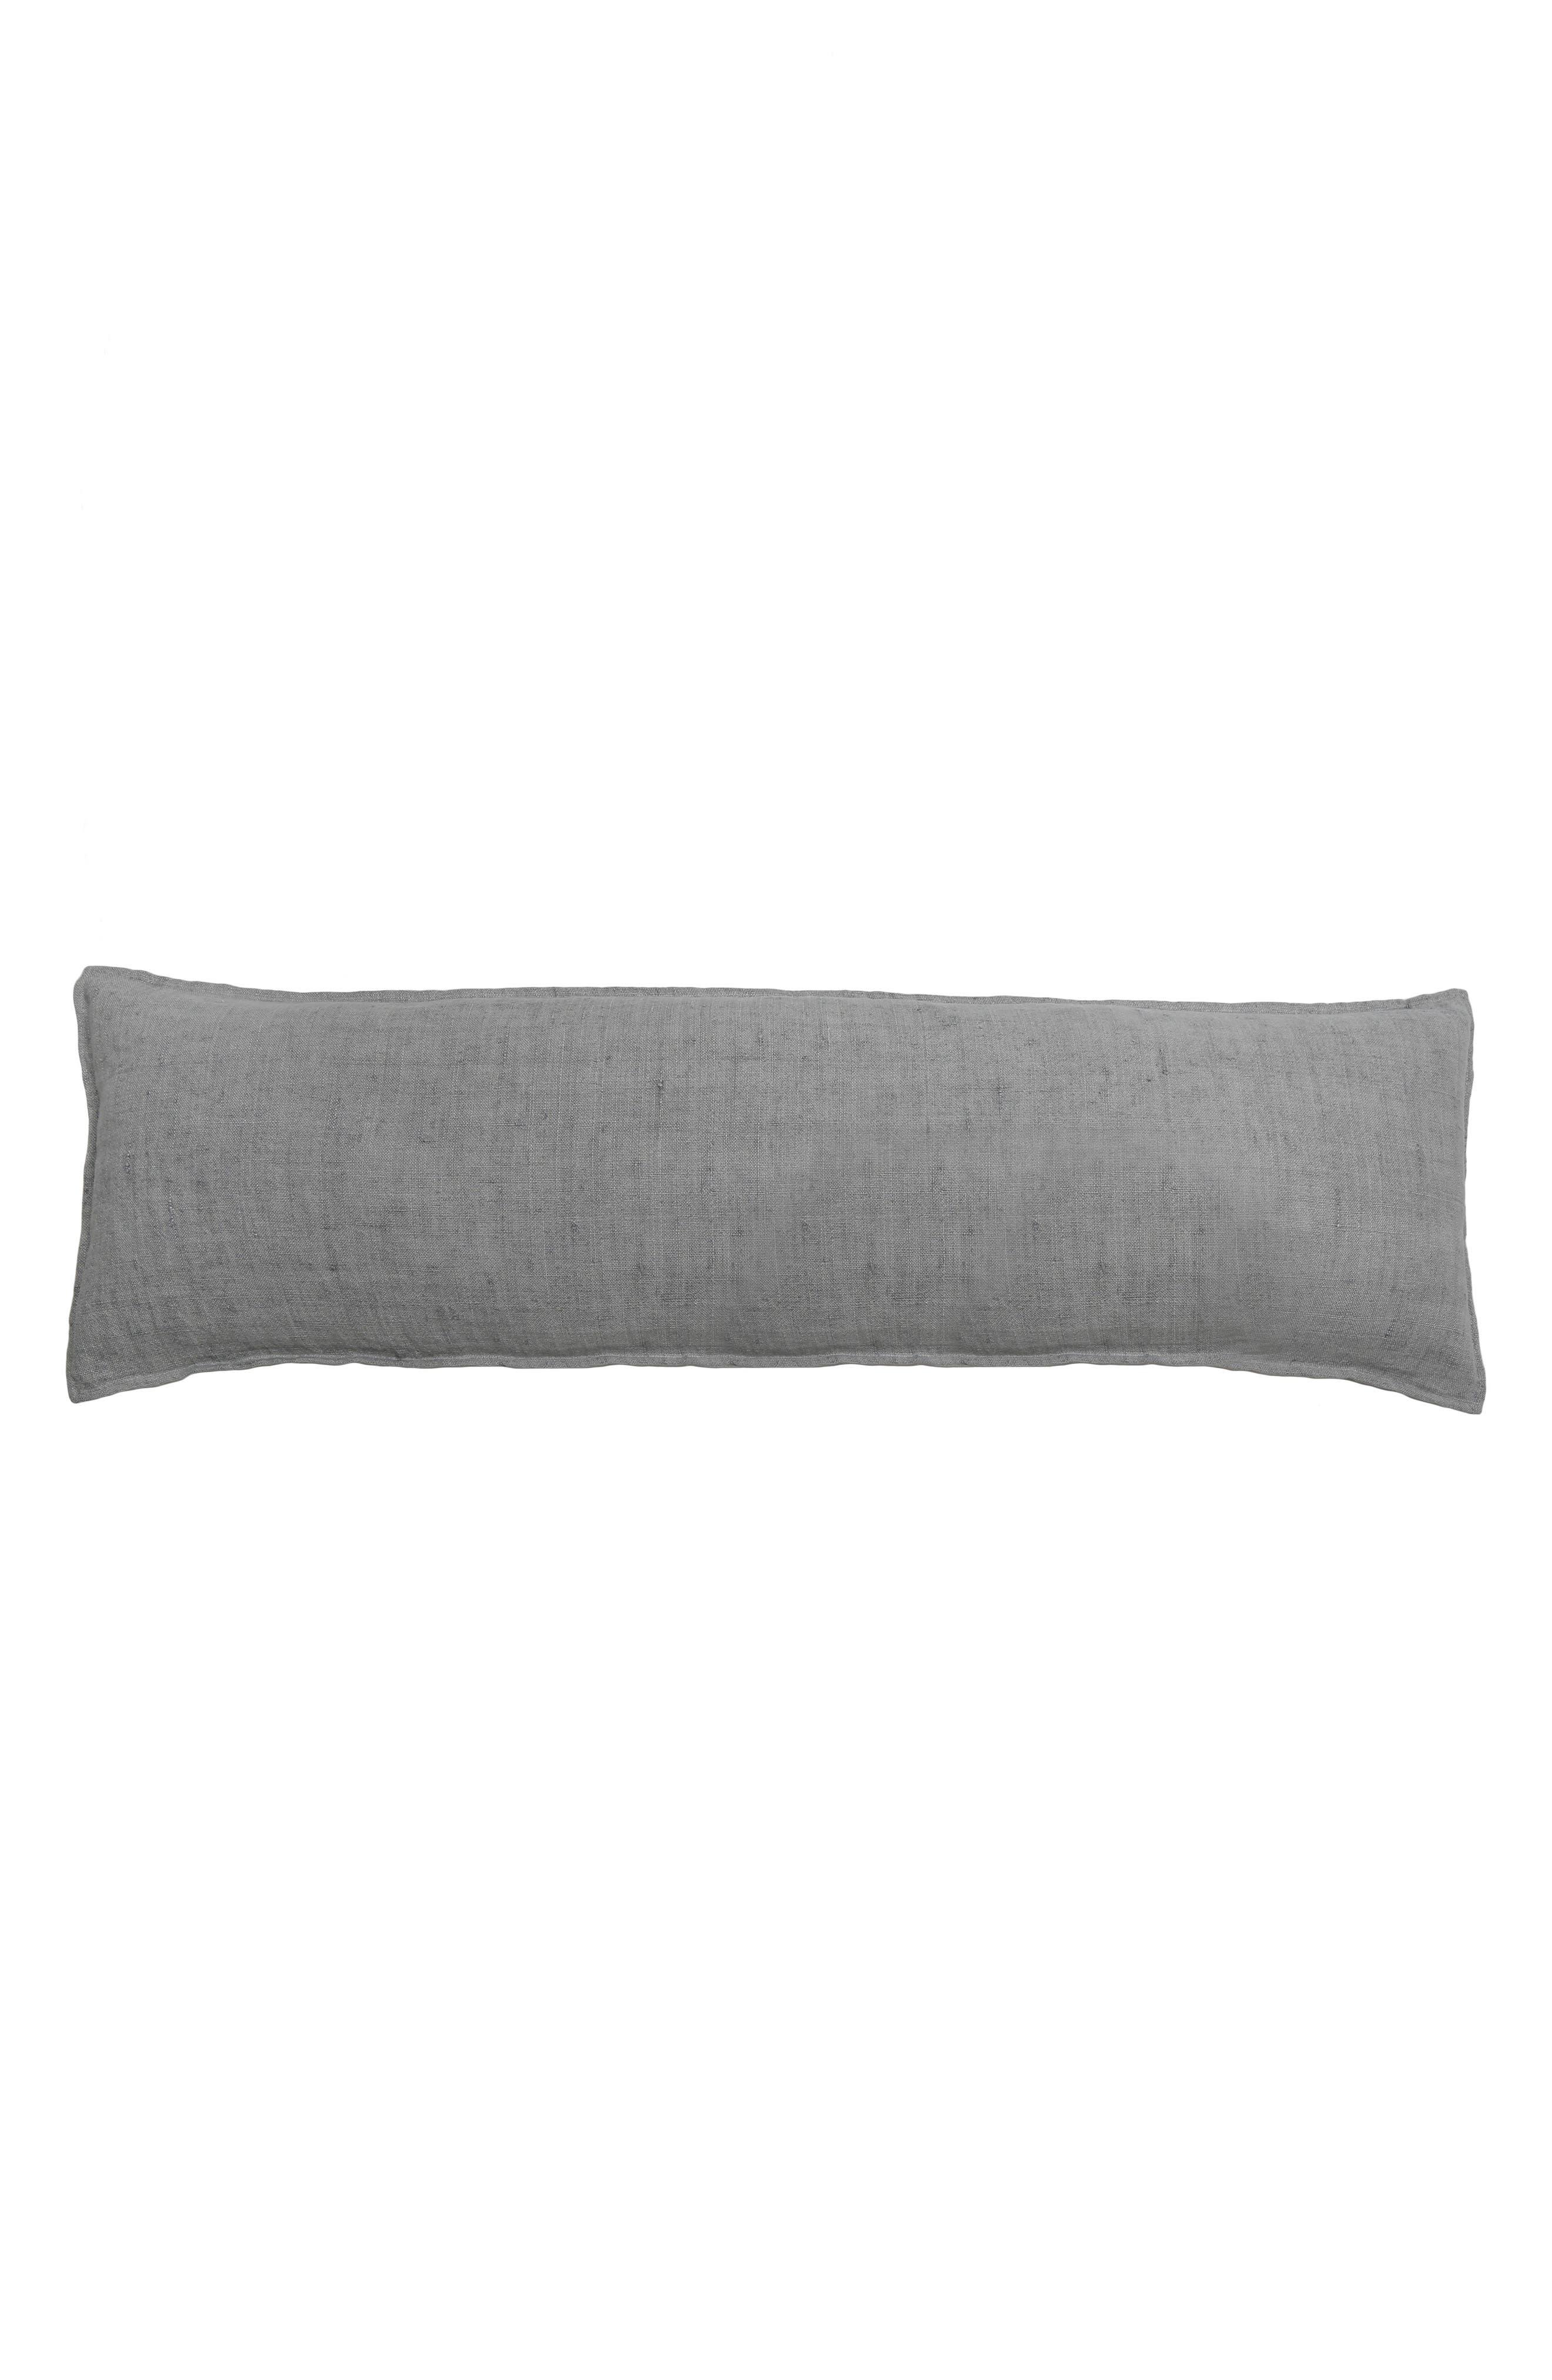 Main Image - Pom Pom at Home Montauk Body Pillow